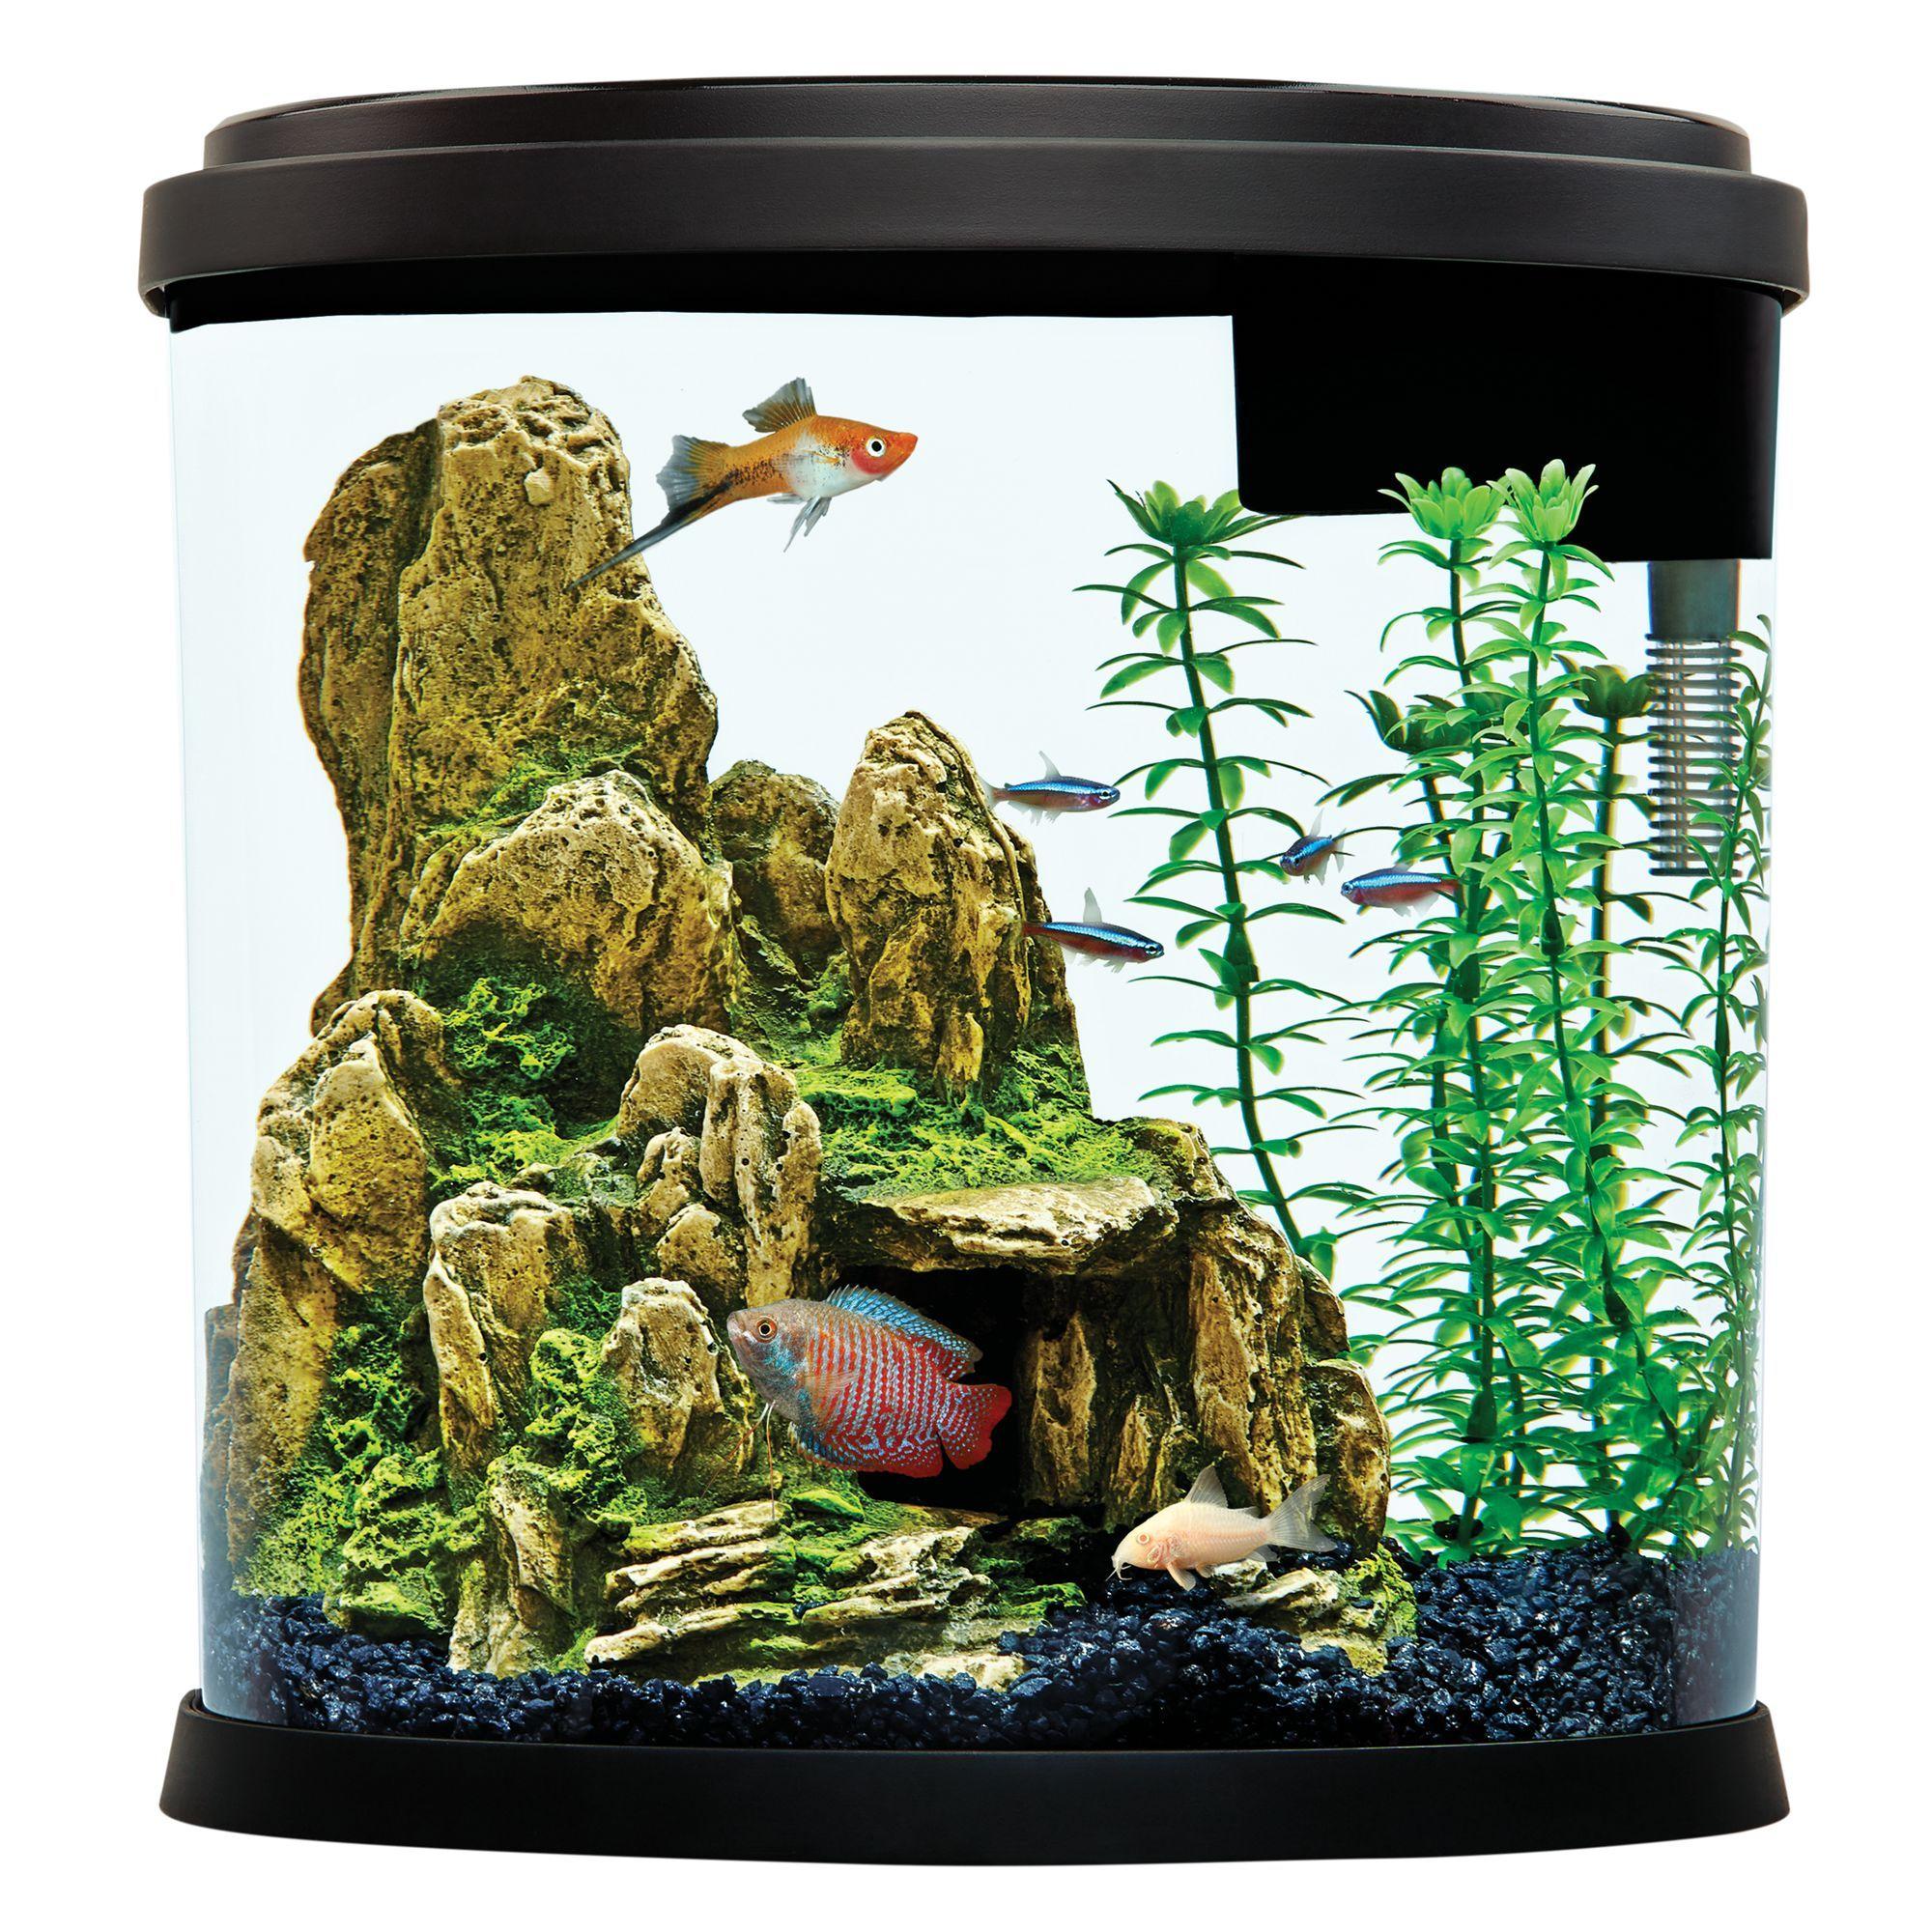 Top Fin Enchant Aquarium 3.5 Gallon, black/gravel Fish